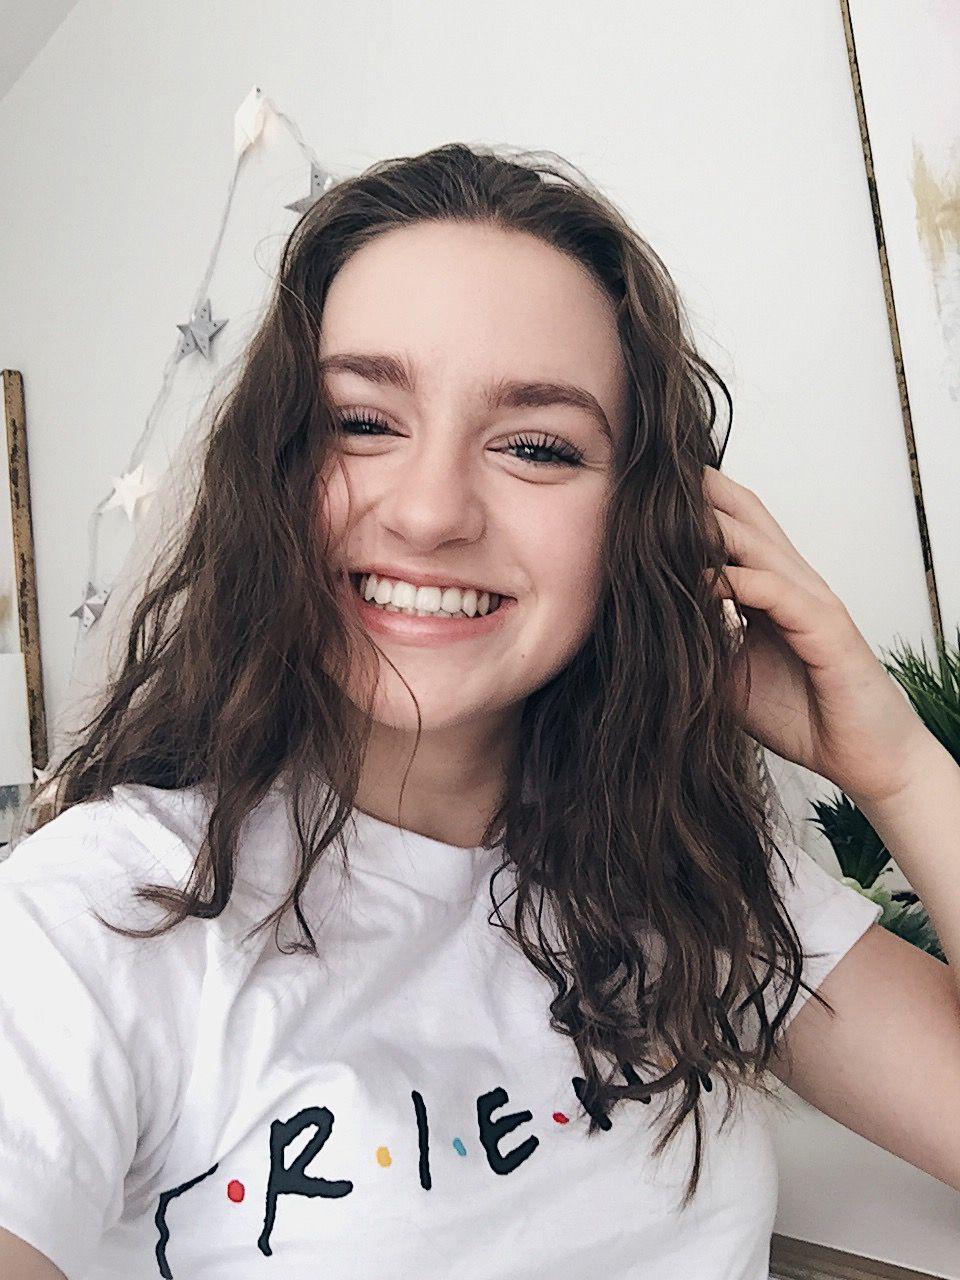 Selfie Sadie Gray